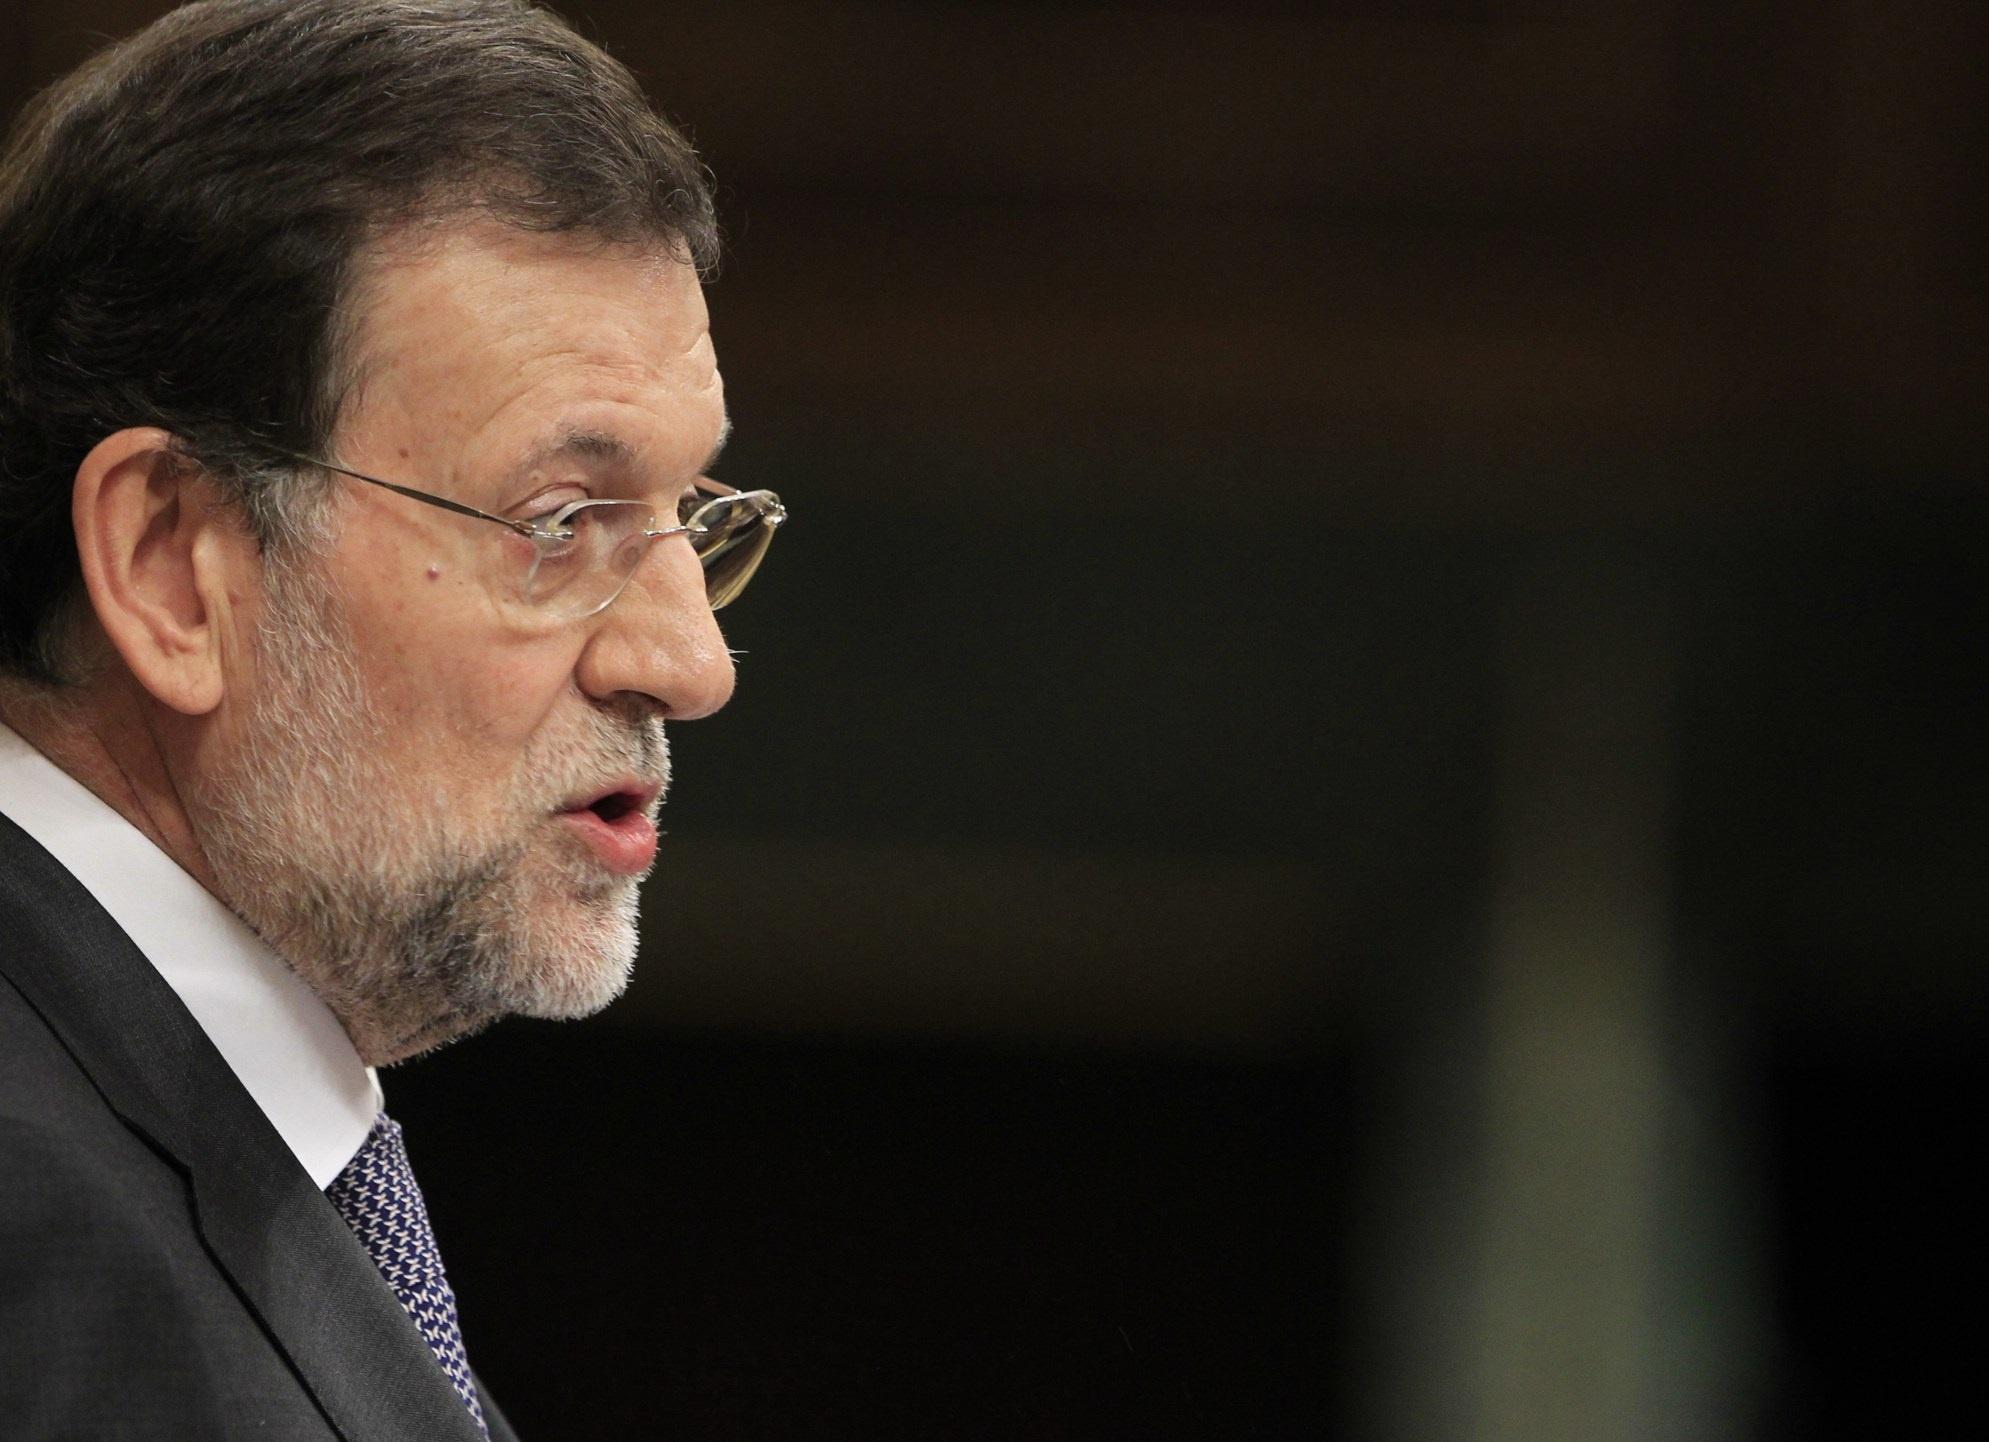 Rajoy pide mesura en Valencia y añade que la Policía tiene un trabajo que cumplir